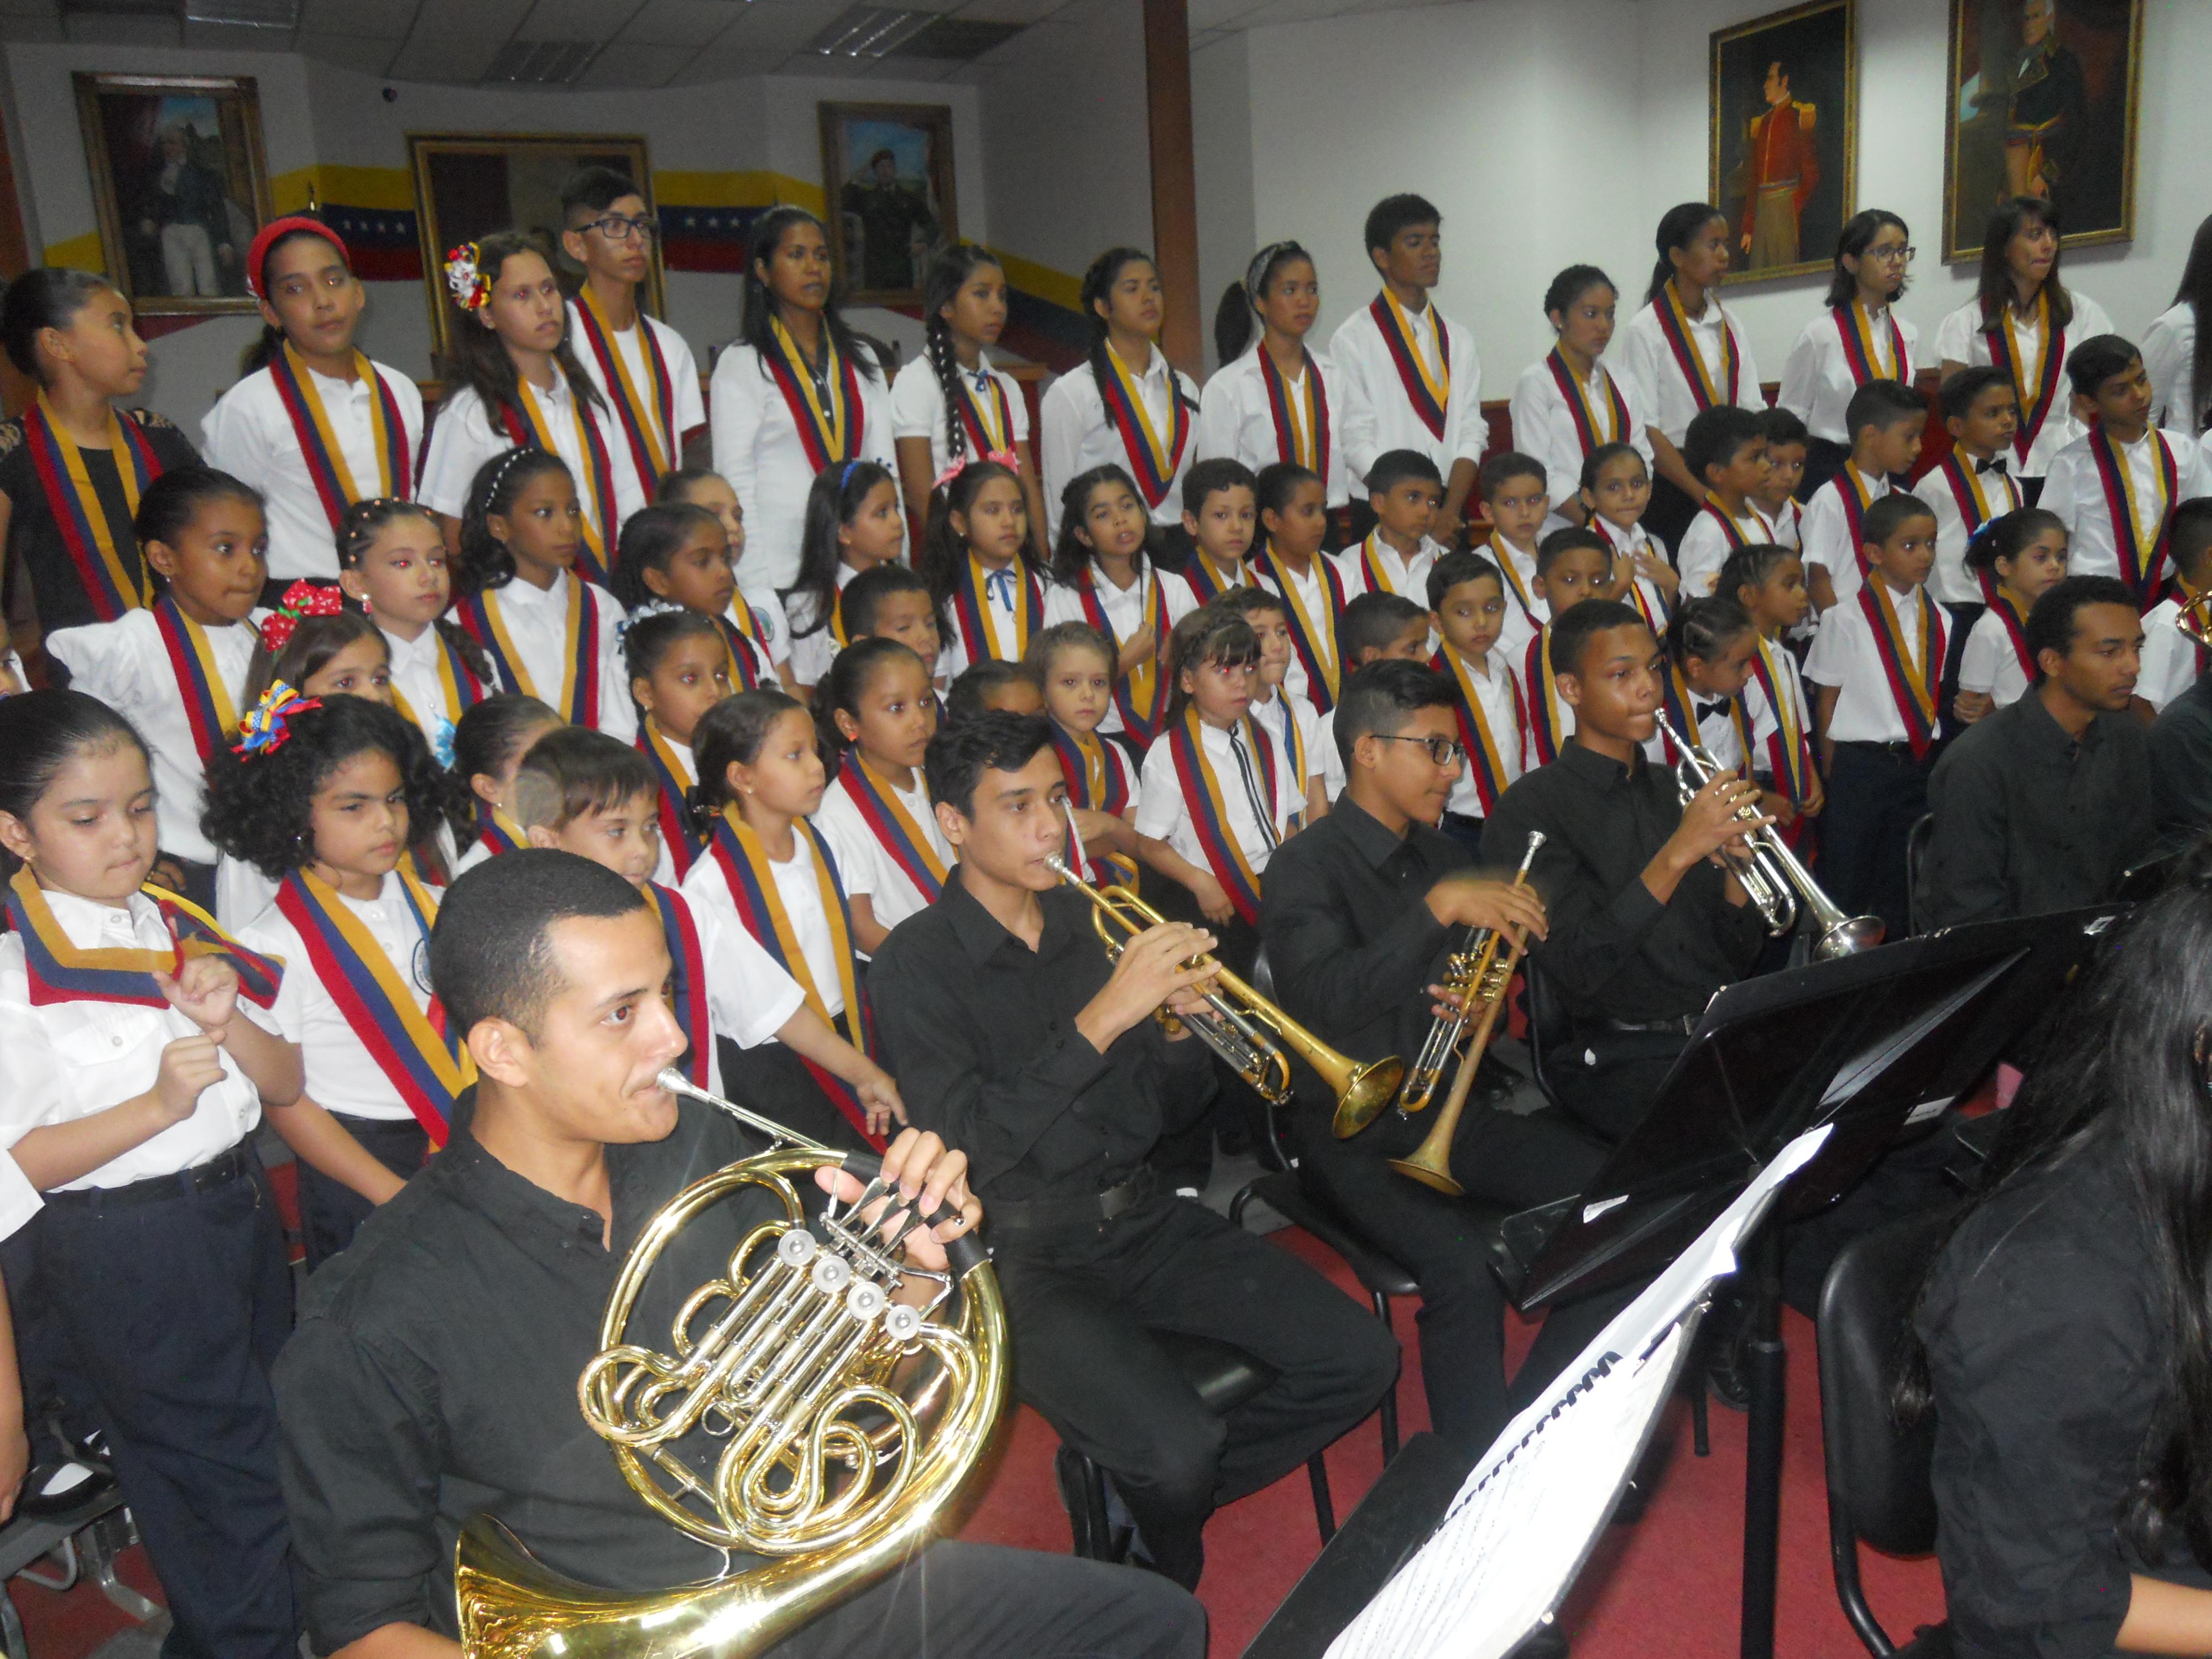 El concierto del Día del Músico contó con la participación de 70 pequeños coralistas del Núcleo San Juan, quienes acompañaron a la Orquesta Sinfónica